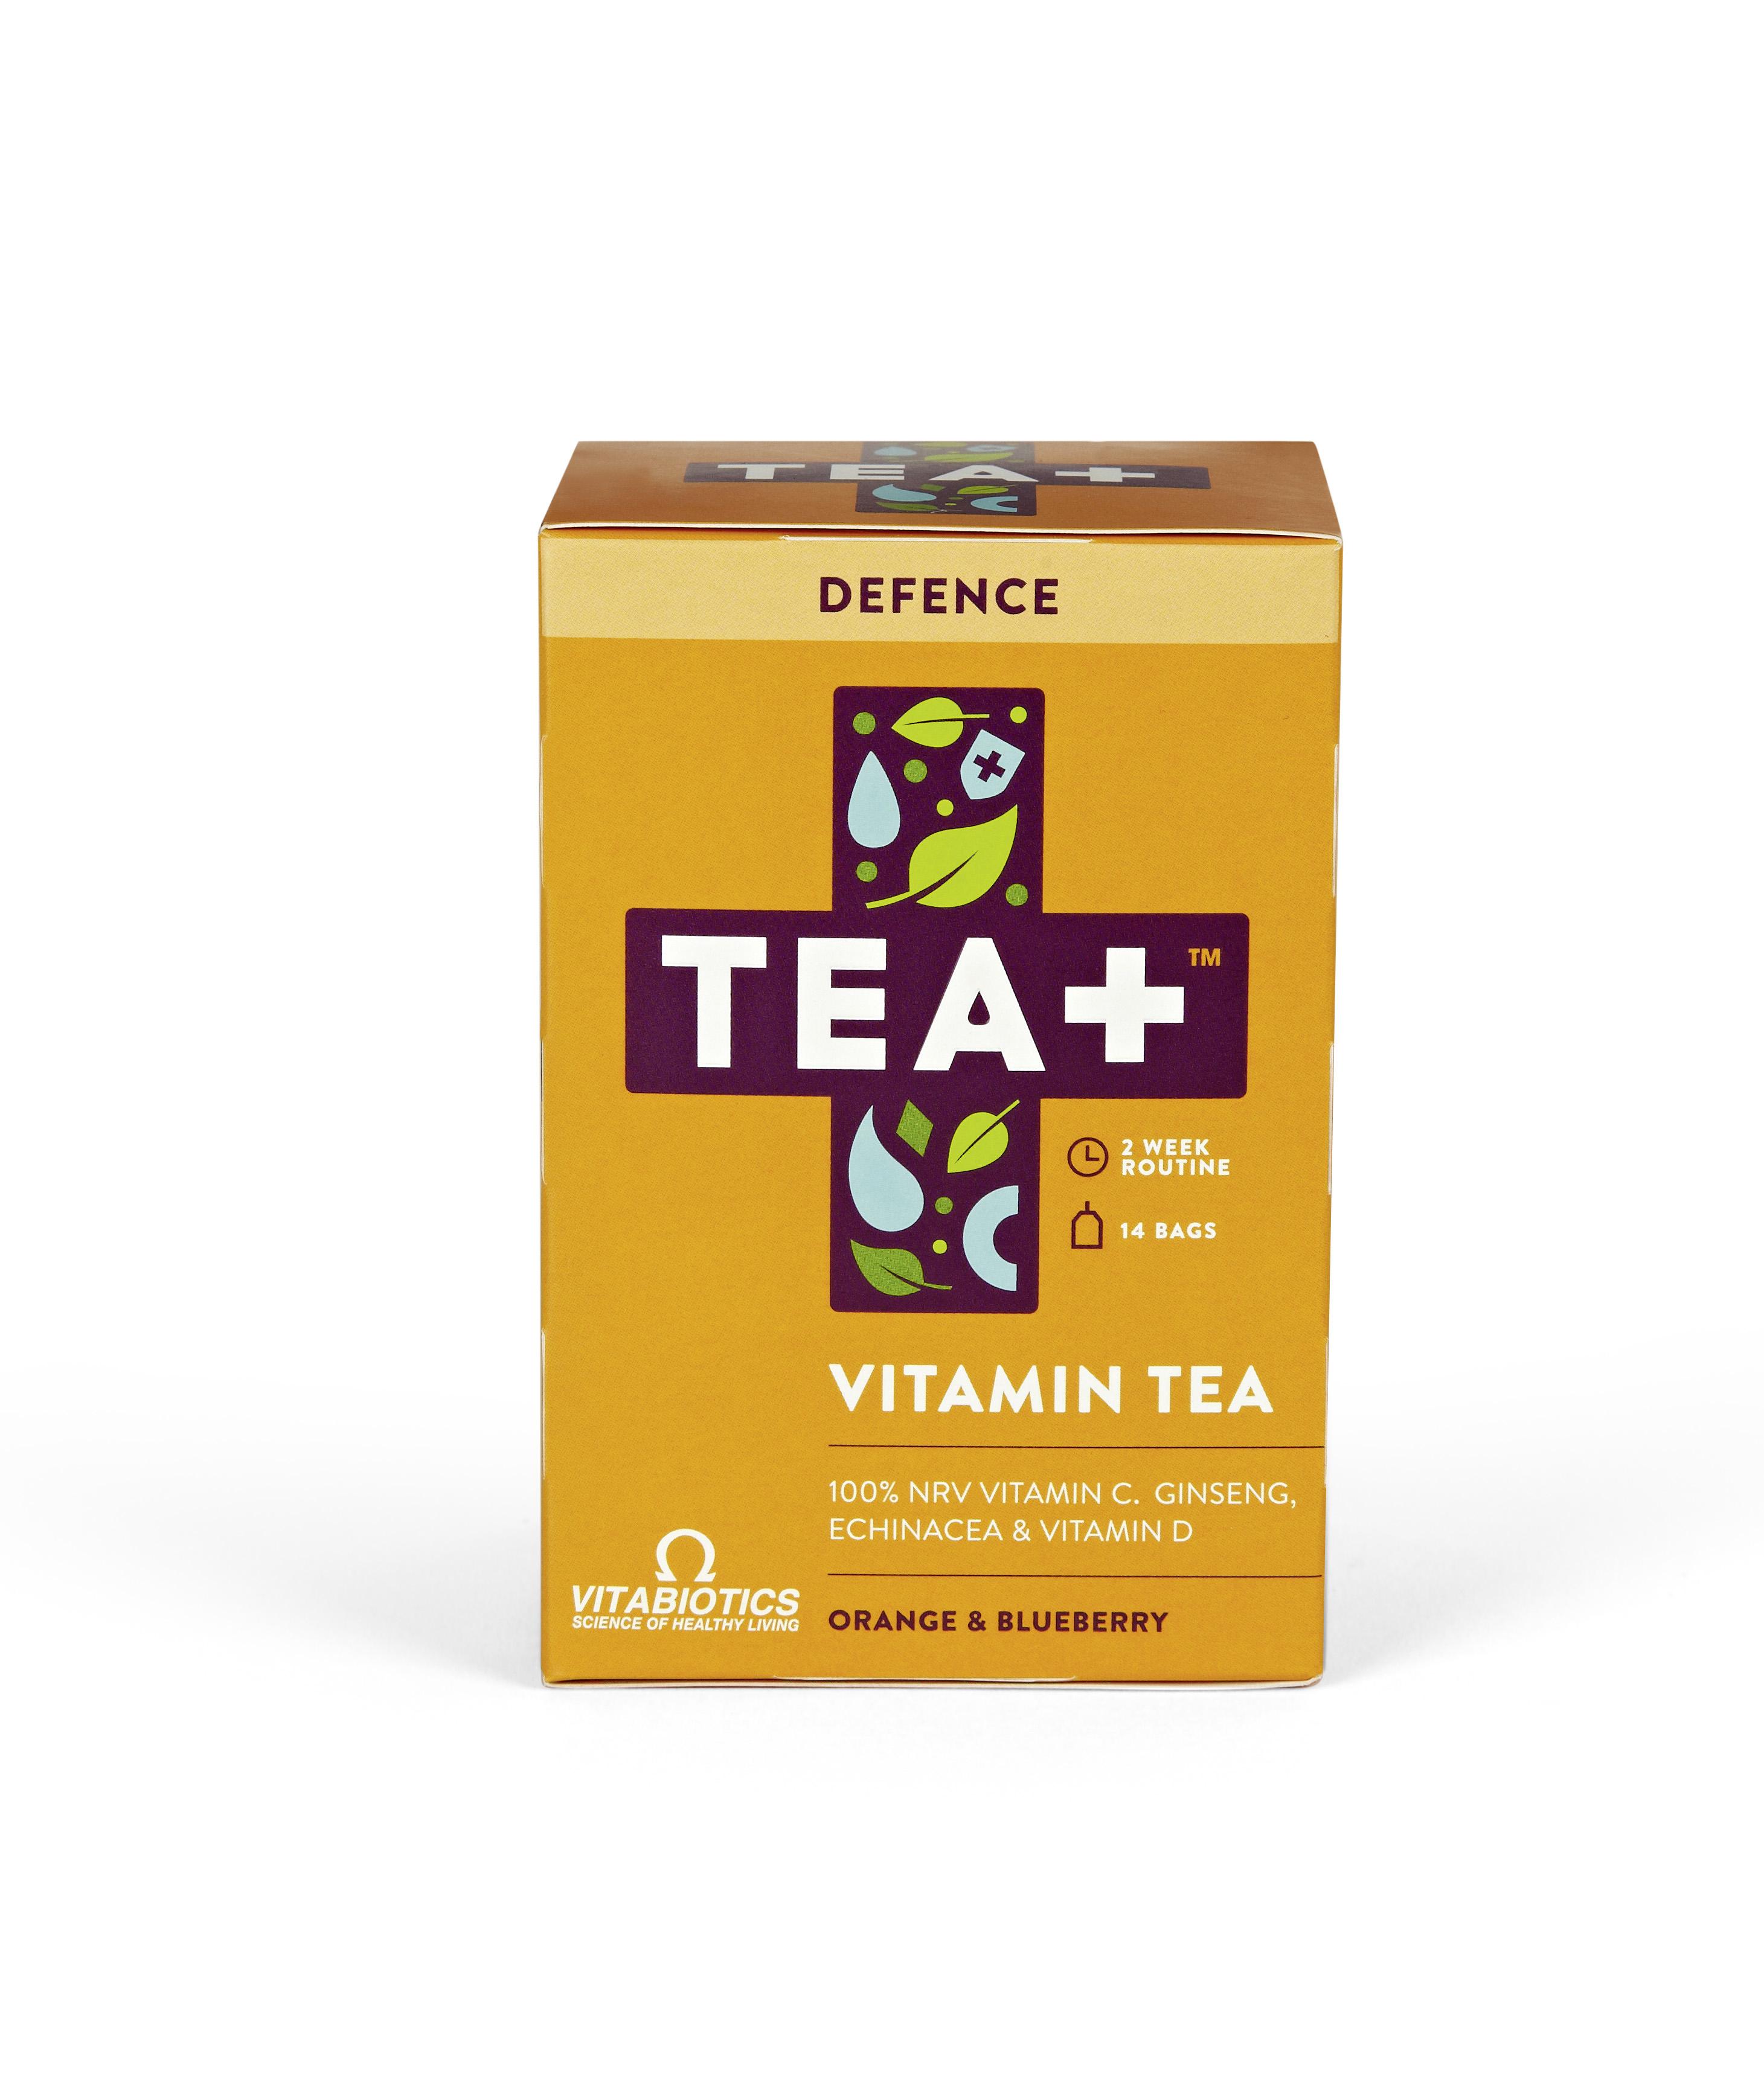 tea_defence_3d